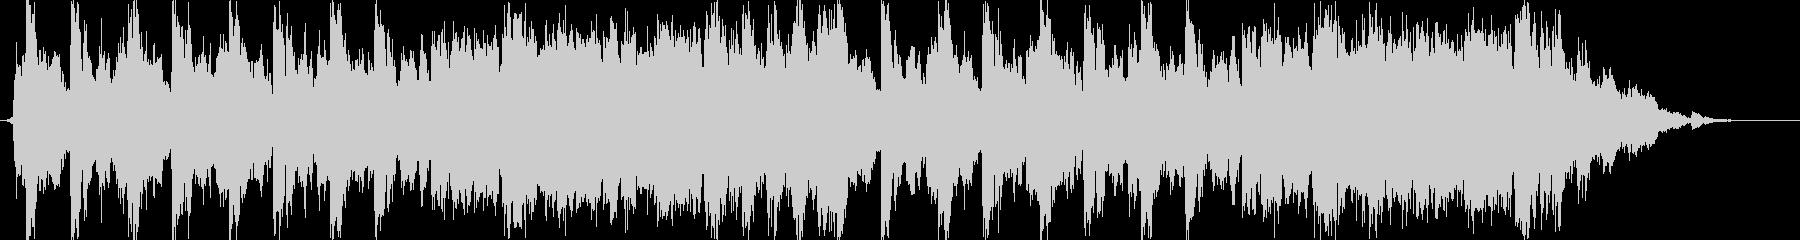 ゲーム等のタイトル画面に合うマーチ風音楽の未再生の波形